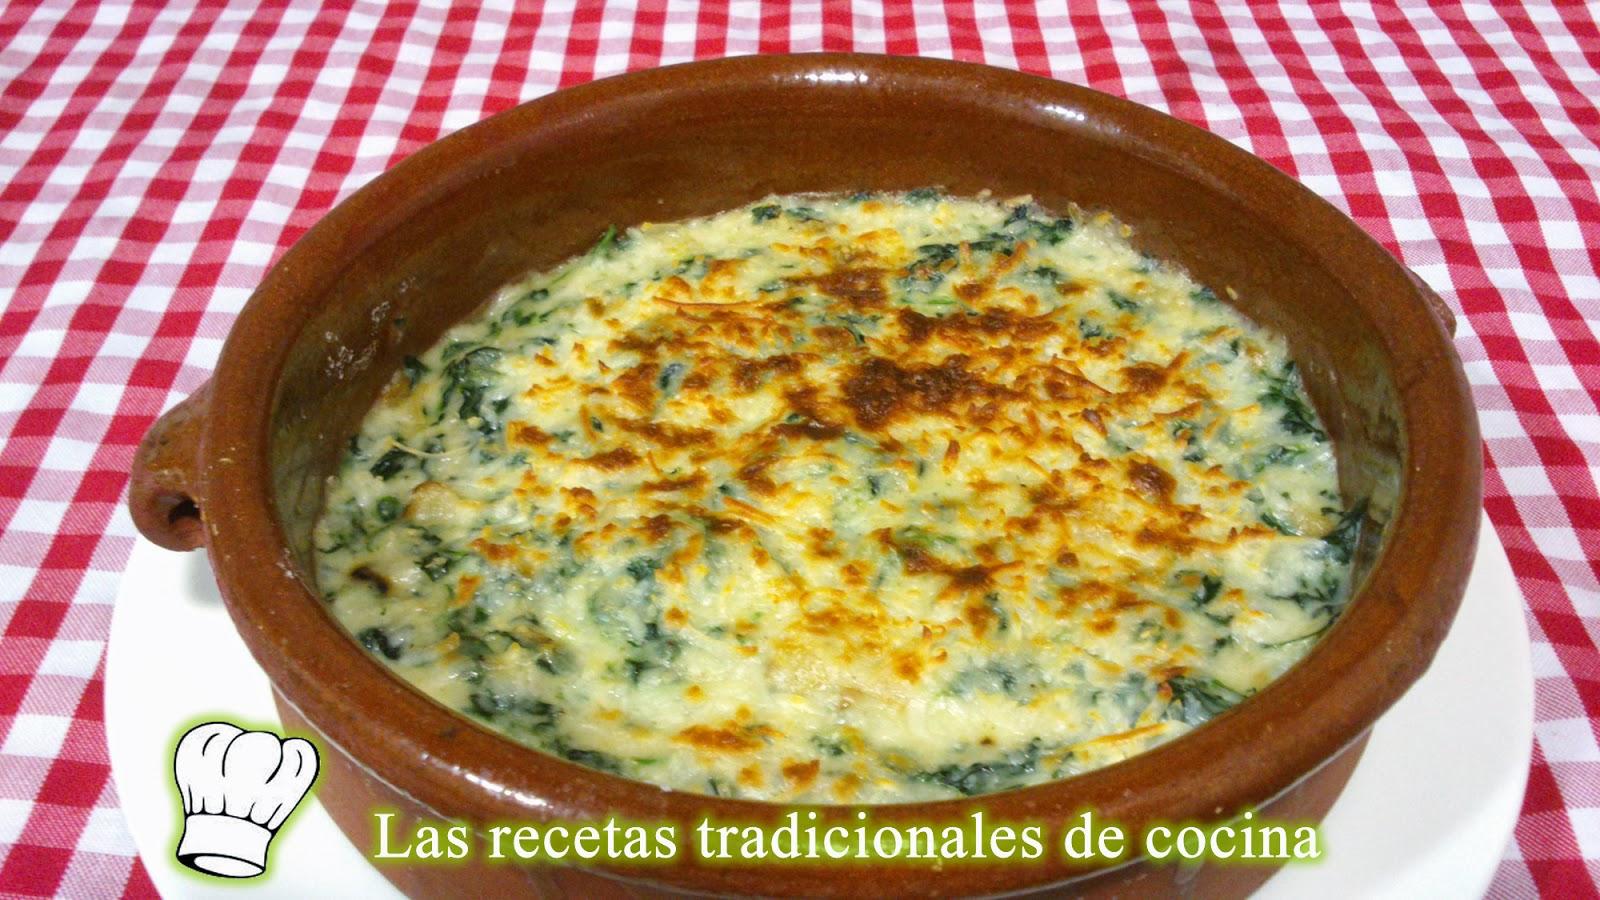 Recetas De Cocina Con Espinacas | Receta De Espinacas Con Bechamel Recetas De Cocina Con Sabor